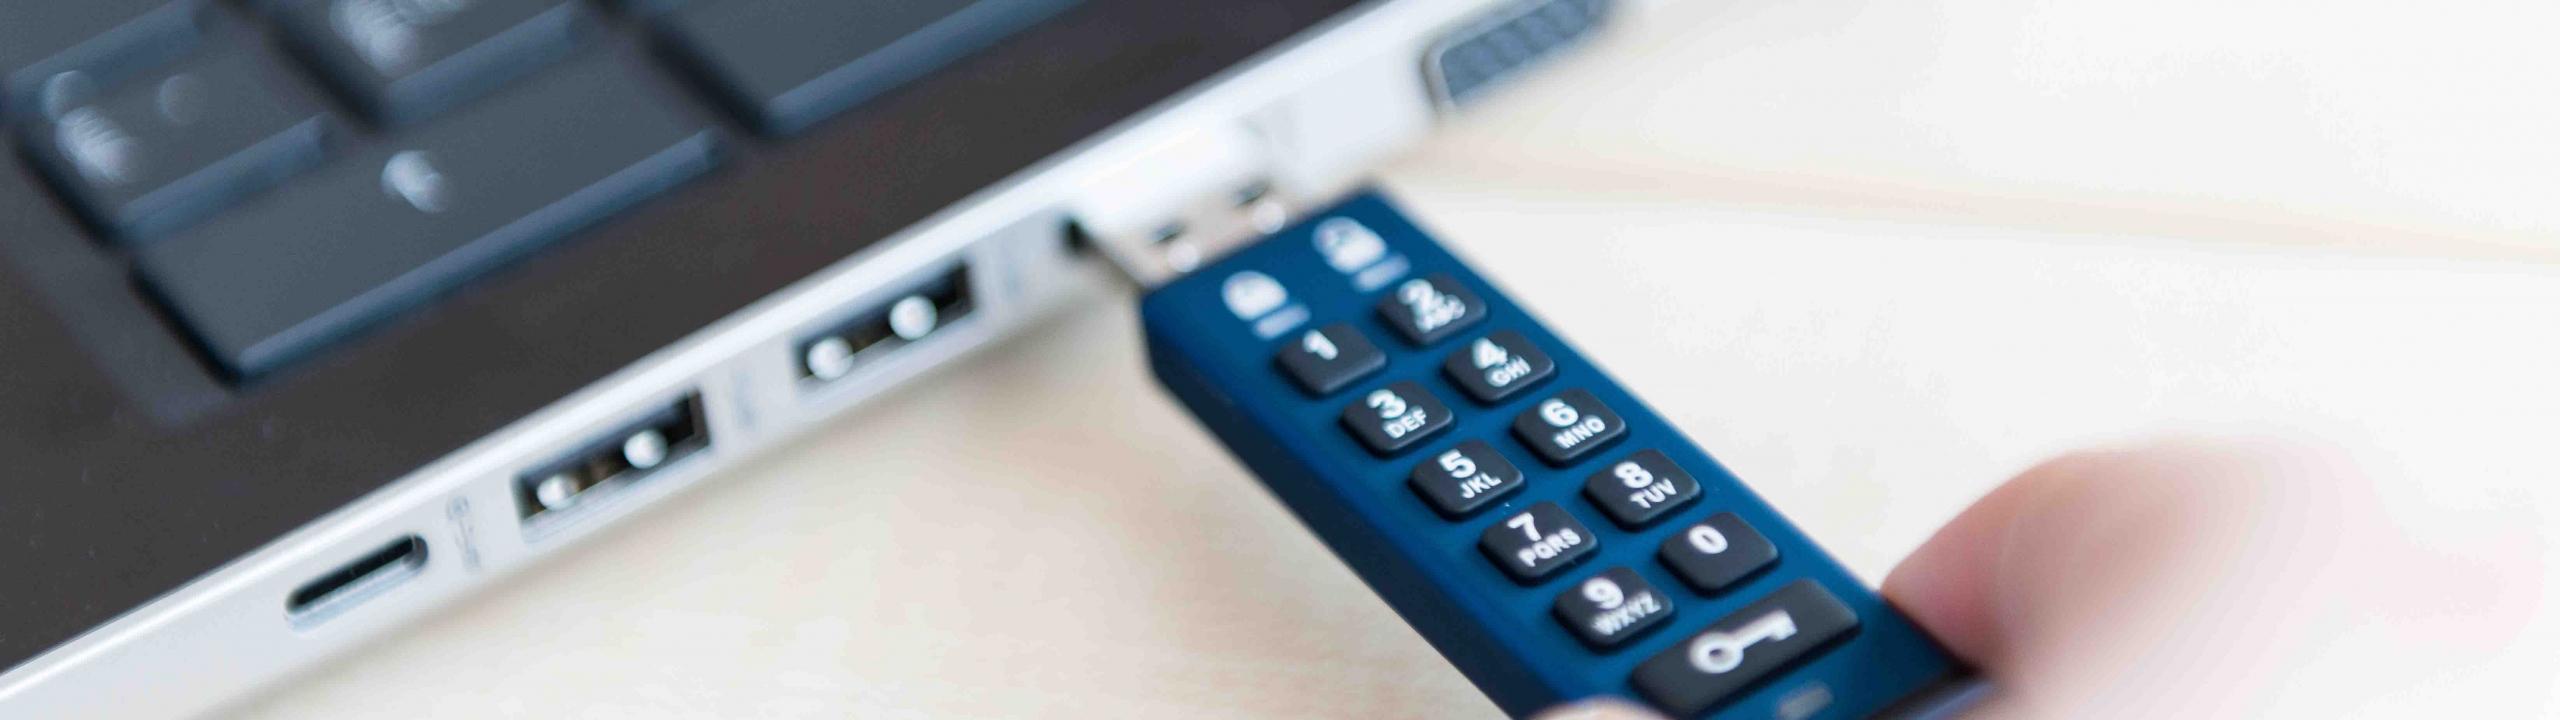 Verschlüsselter Stick wird in Laptop gesteckt.